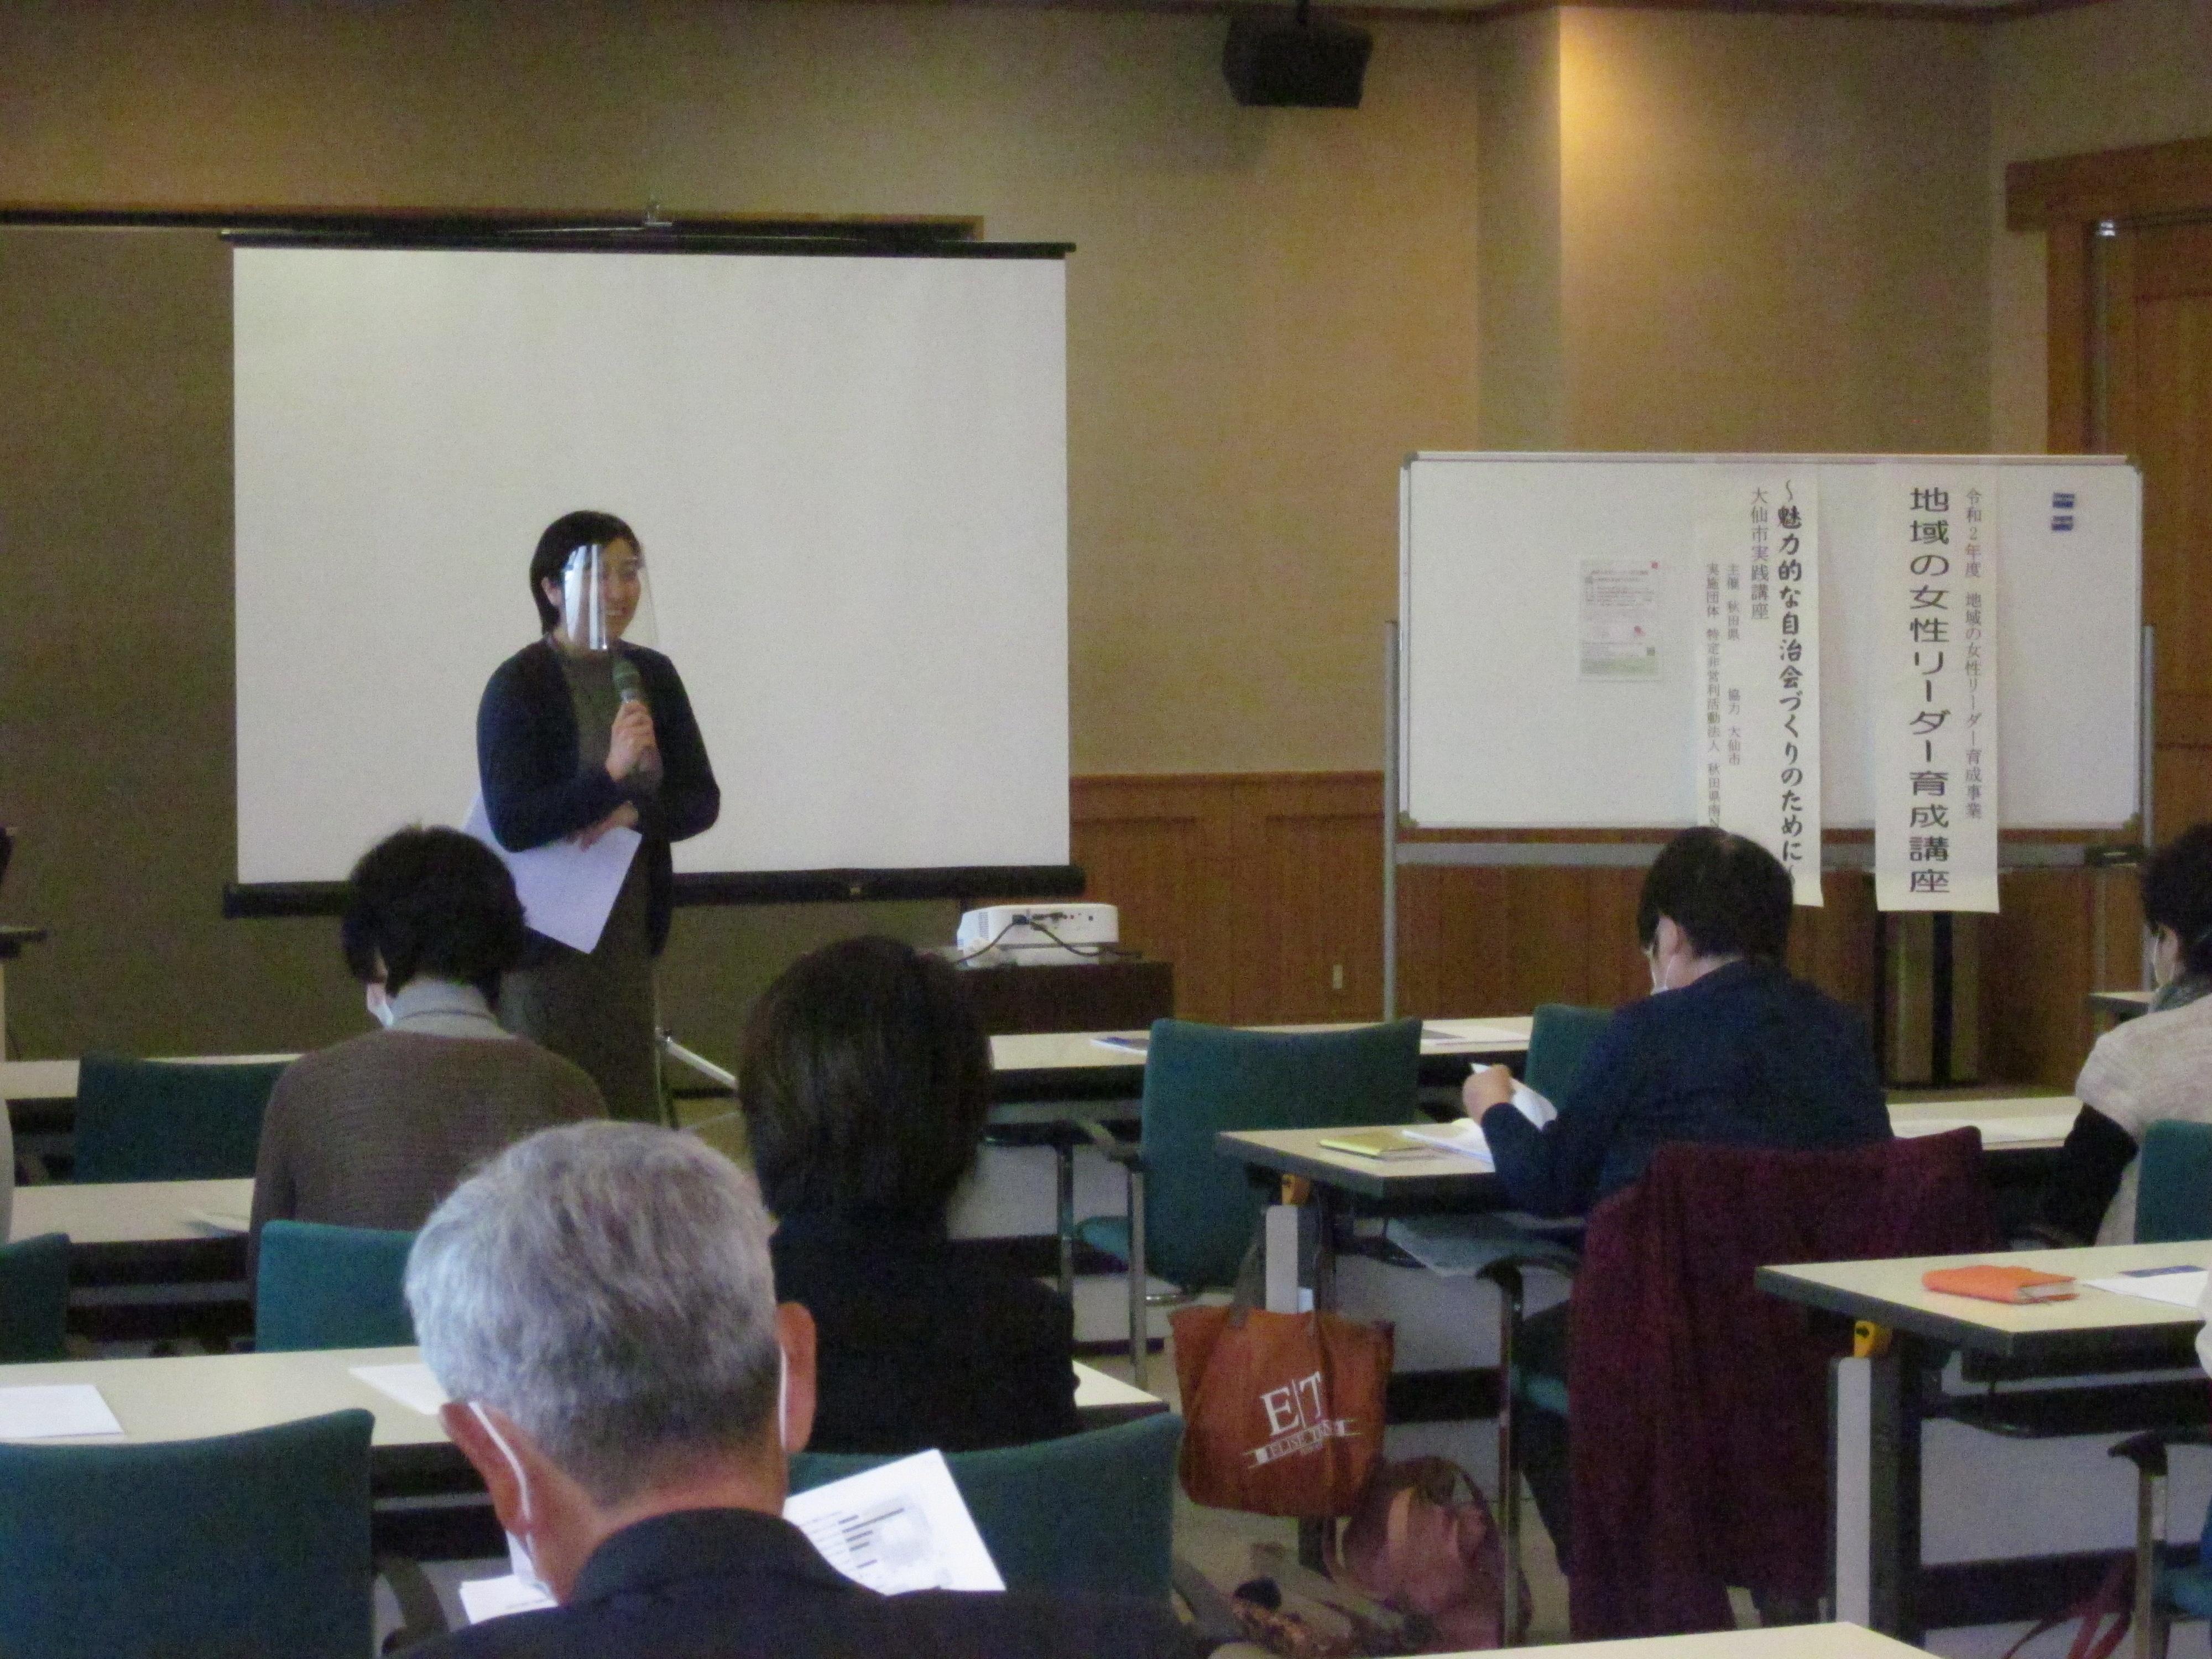 http://www.akita-south-jender.org/news/HP%E6%B4%A5%E7%94%B0%E3%81%95%E3%82%93.JPG